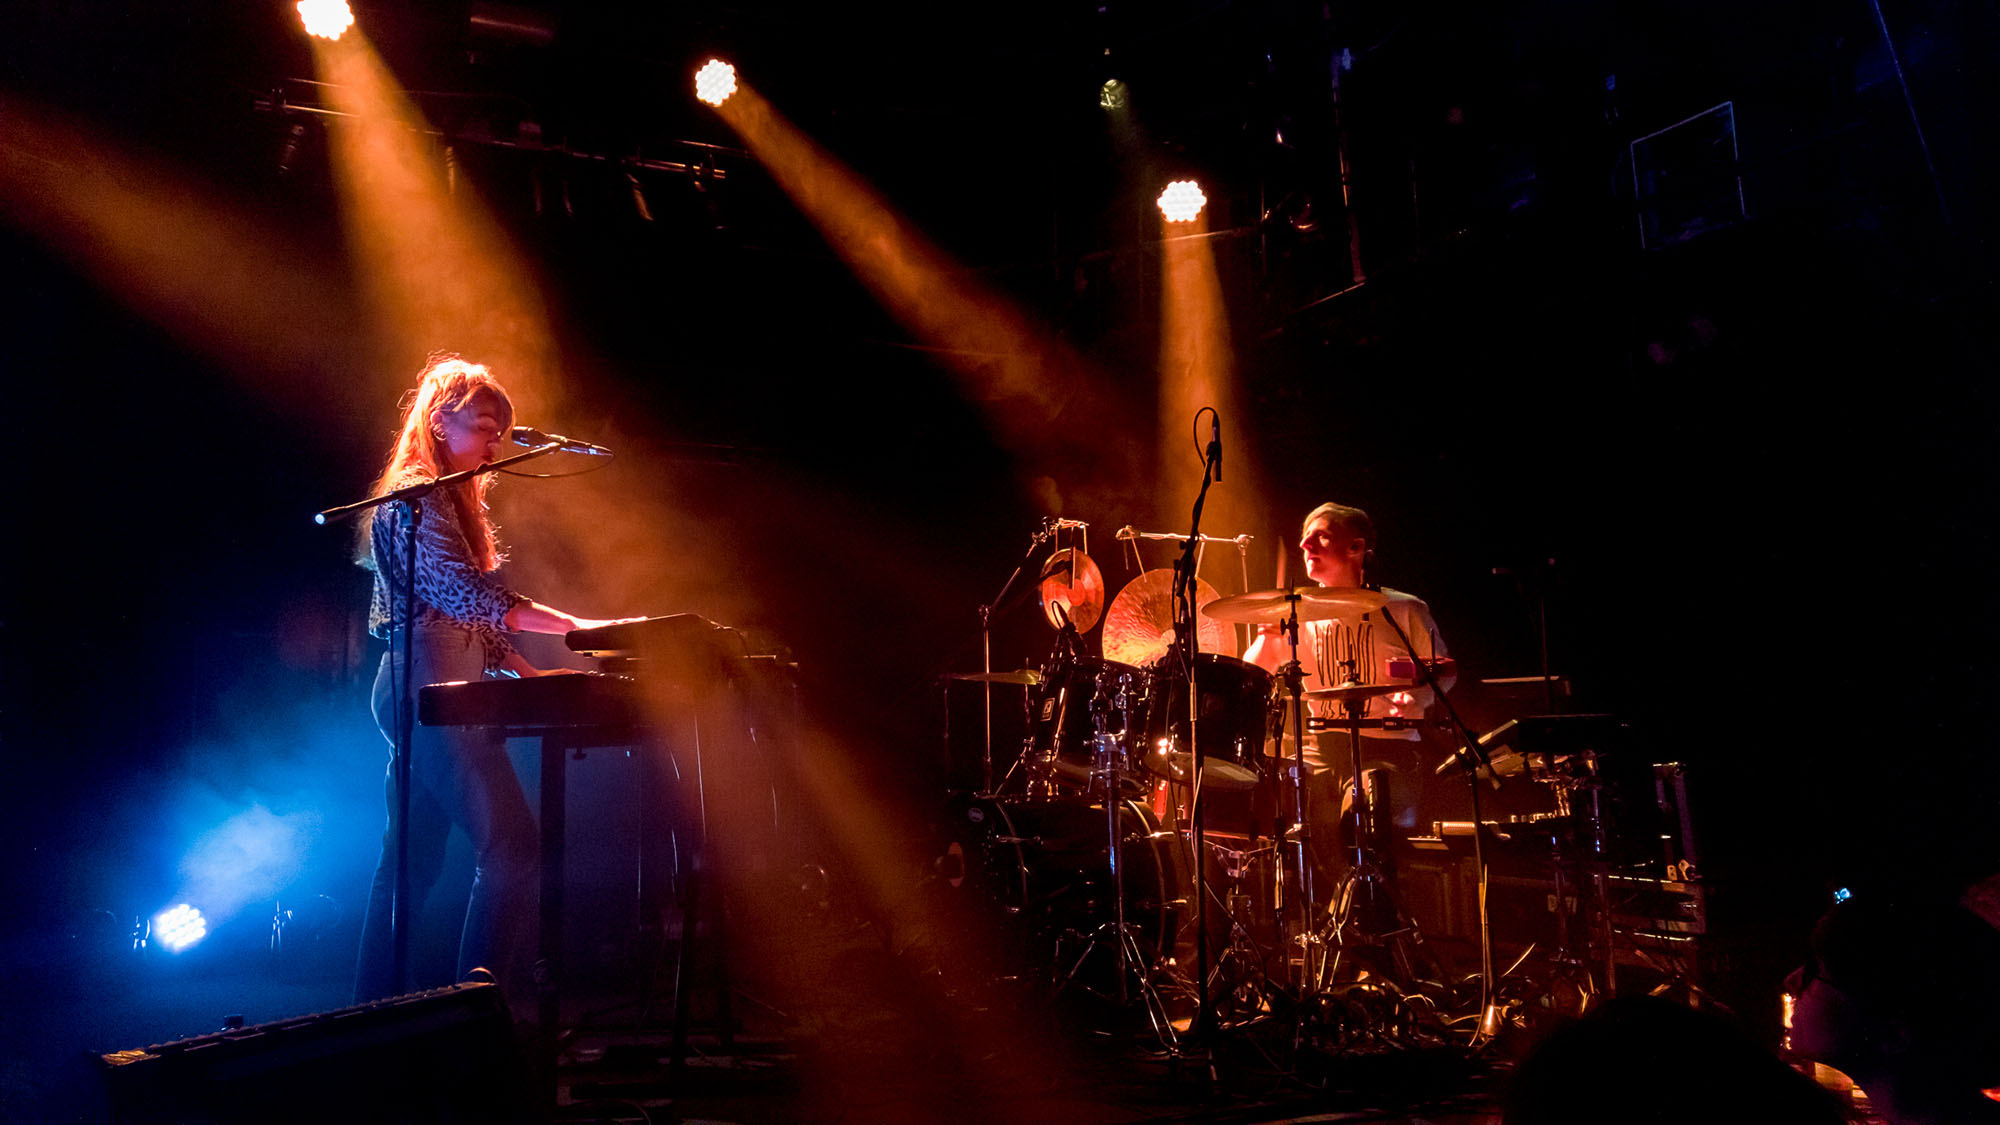 Konzertaufnahme Me and My Drummer